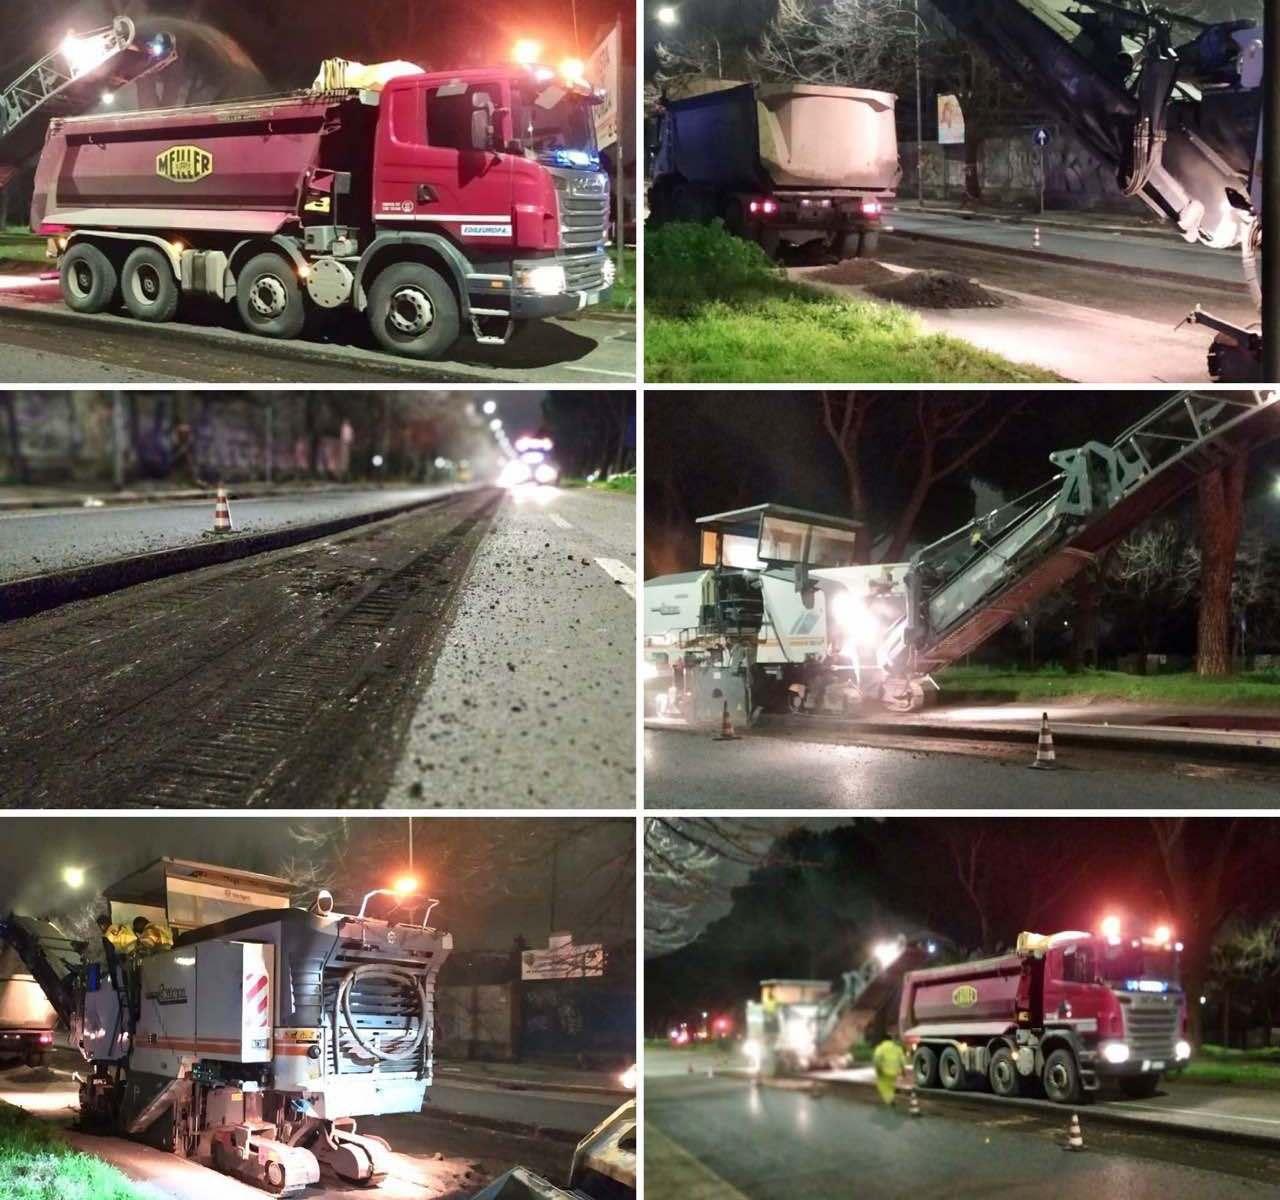 strade-camion-asfalto